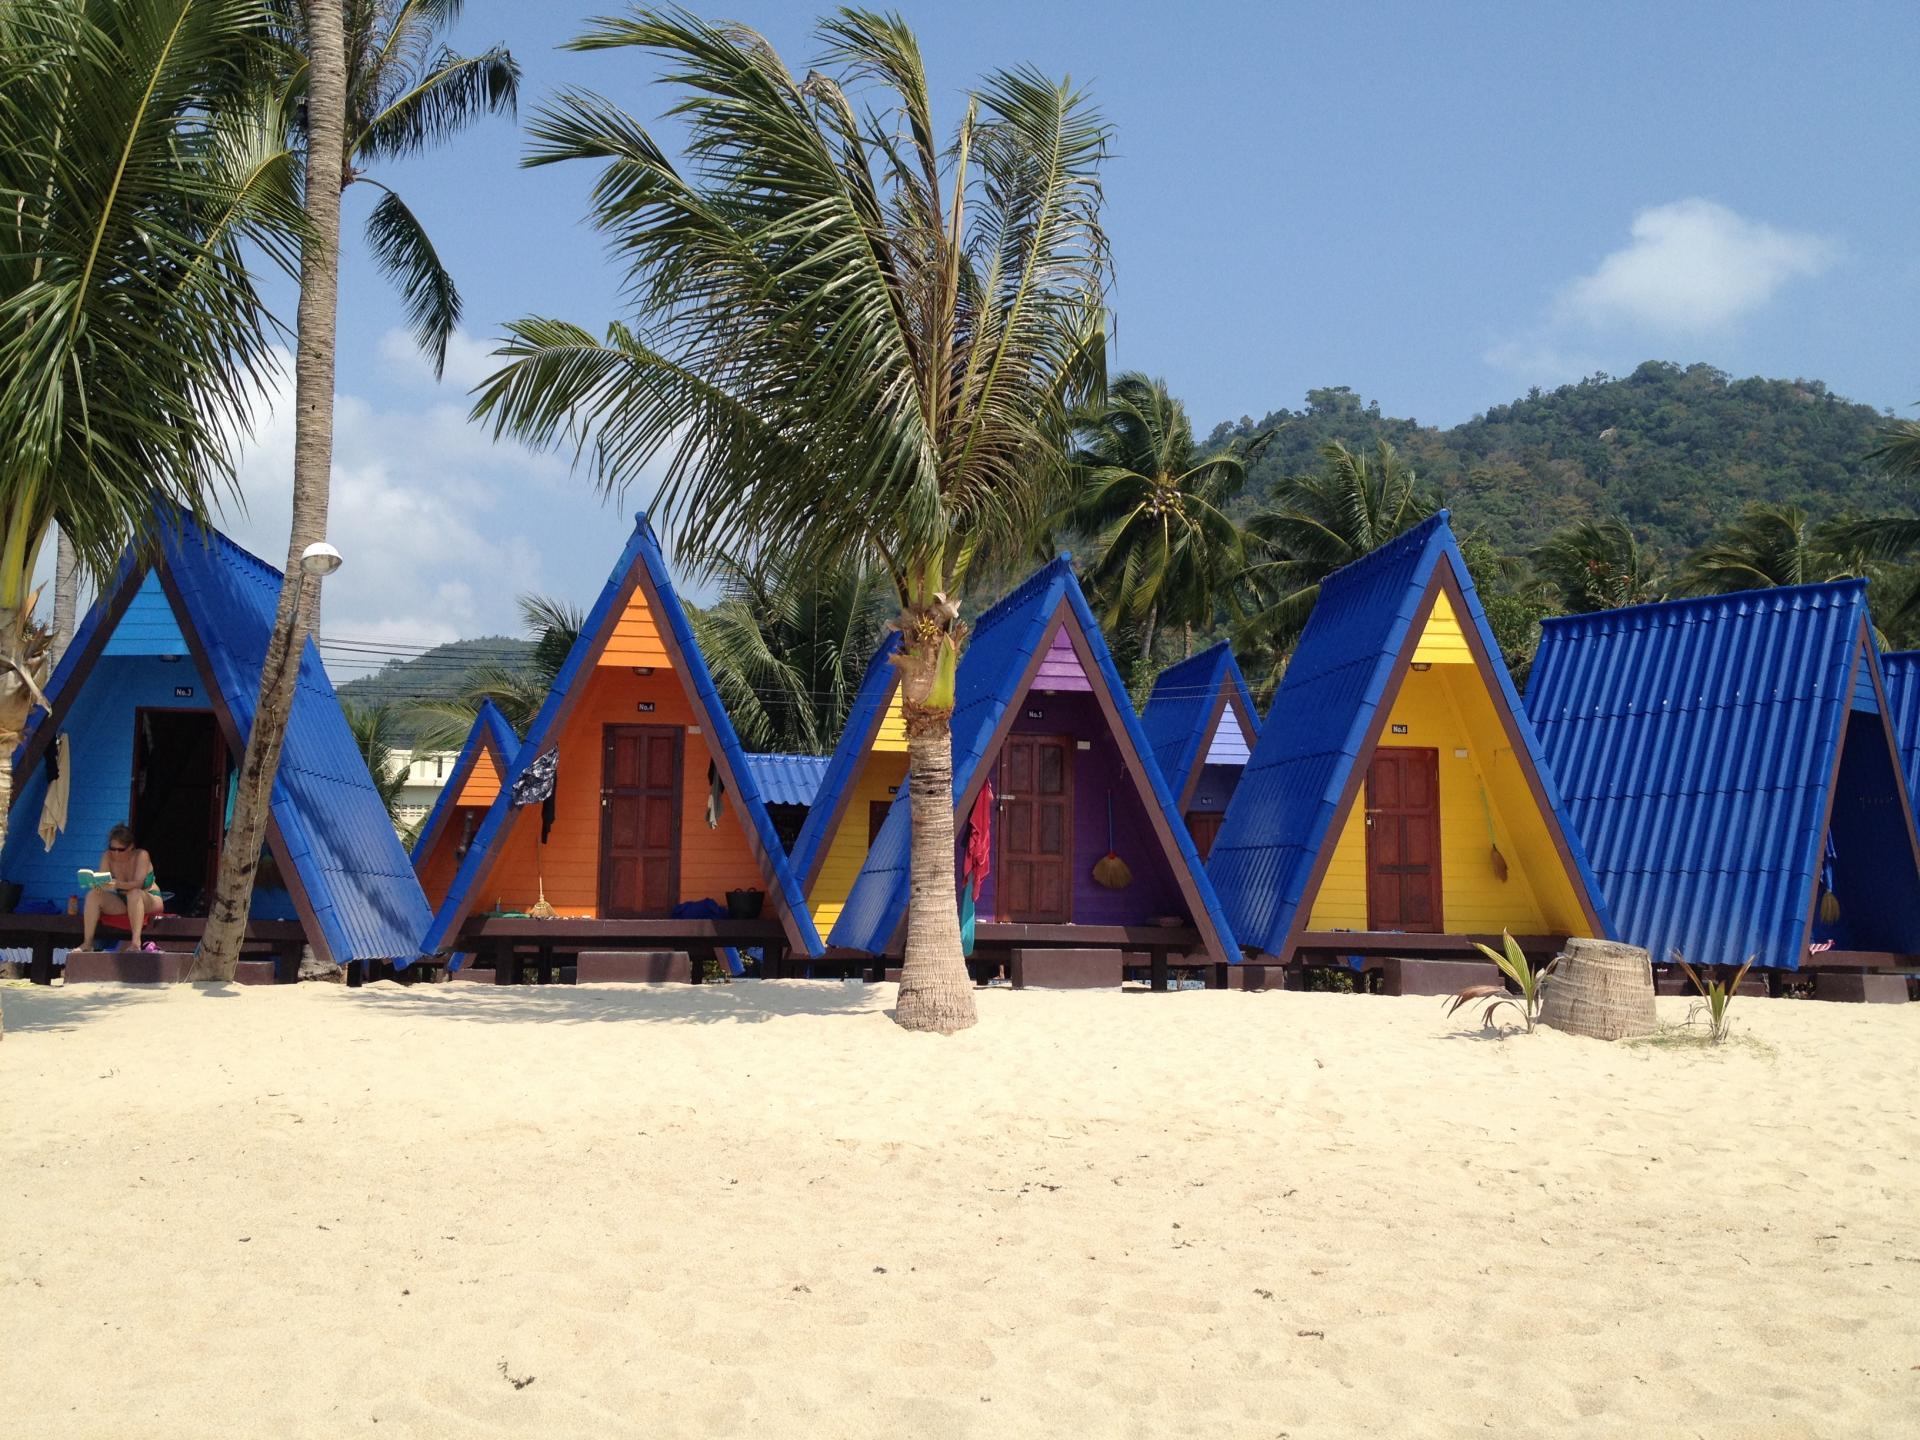 Mon itinéraire Thaïlande (2 semaines)